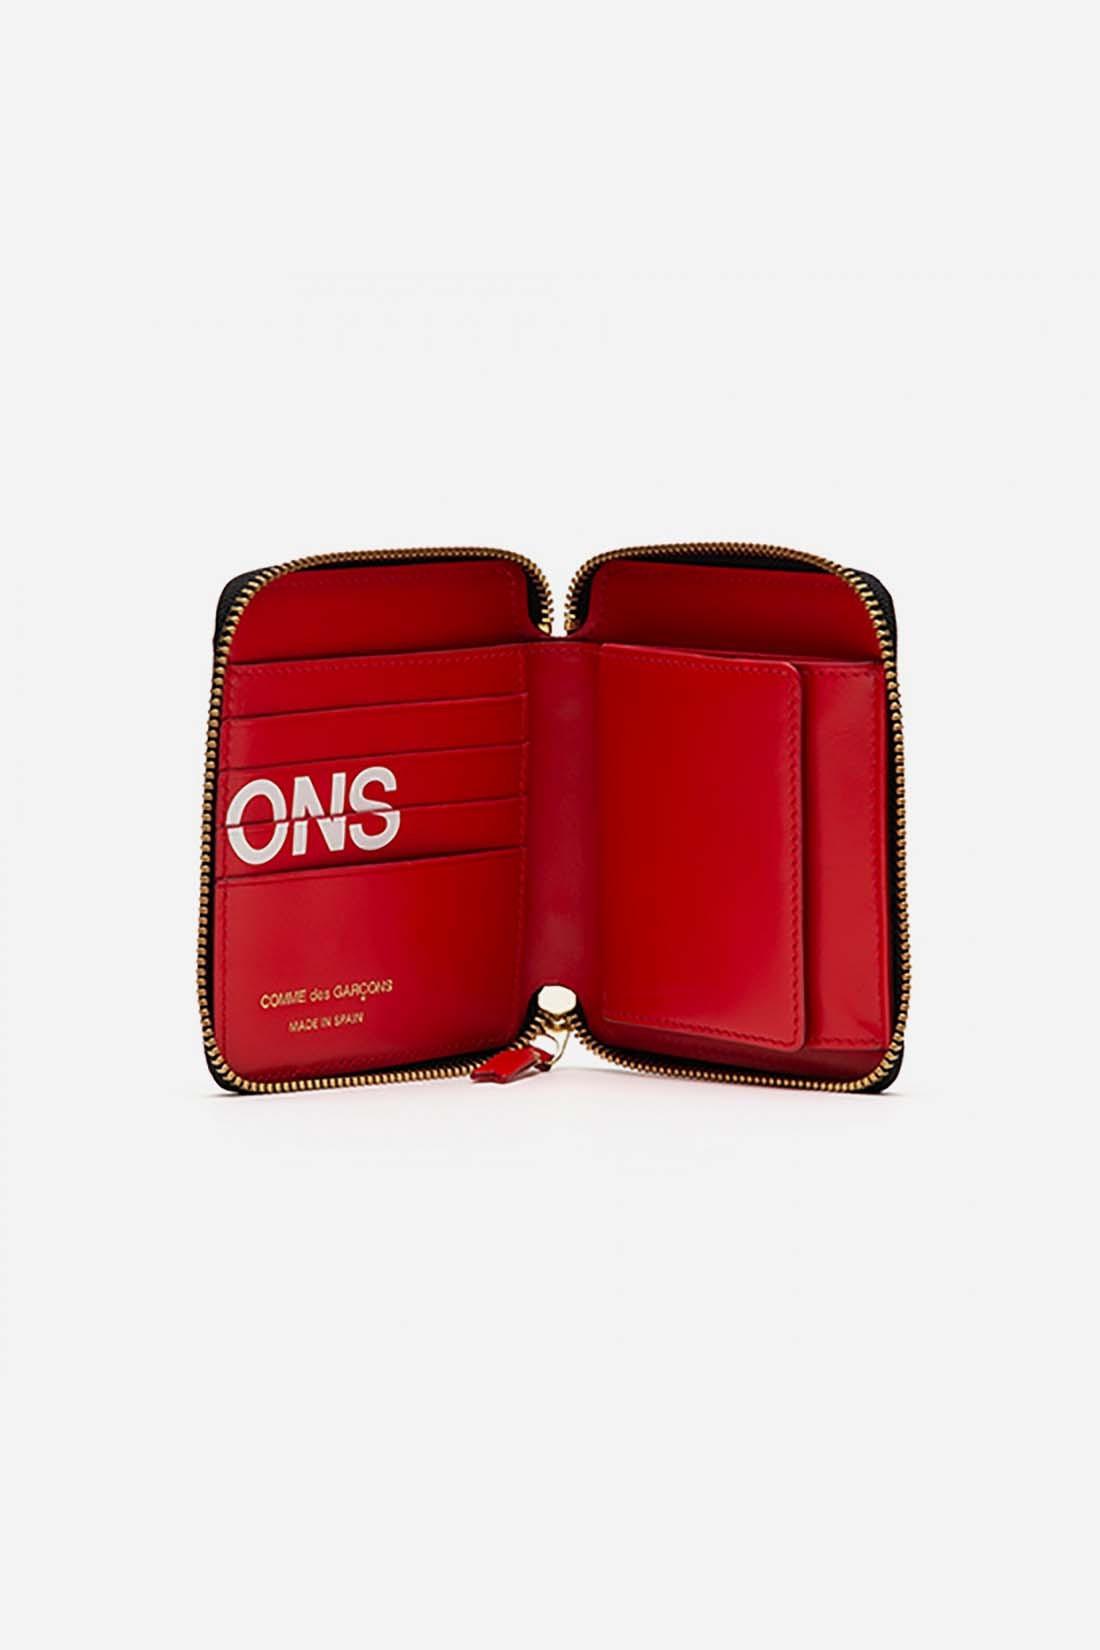 CDG WALLETS / Cdg huge logo wallet sa2100hl Red